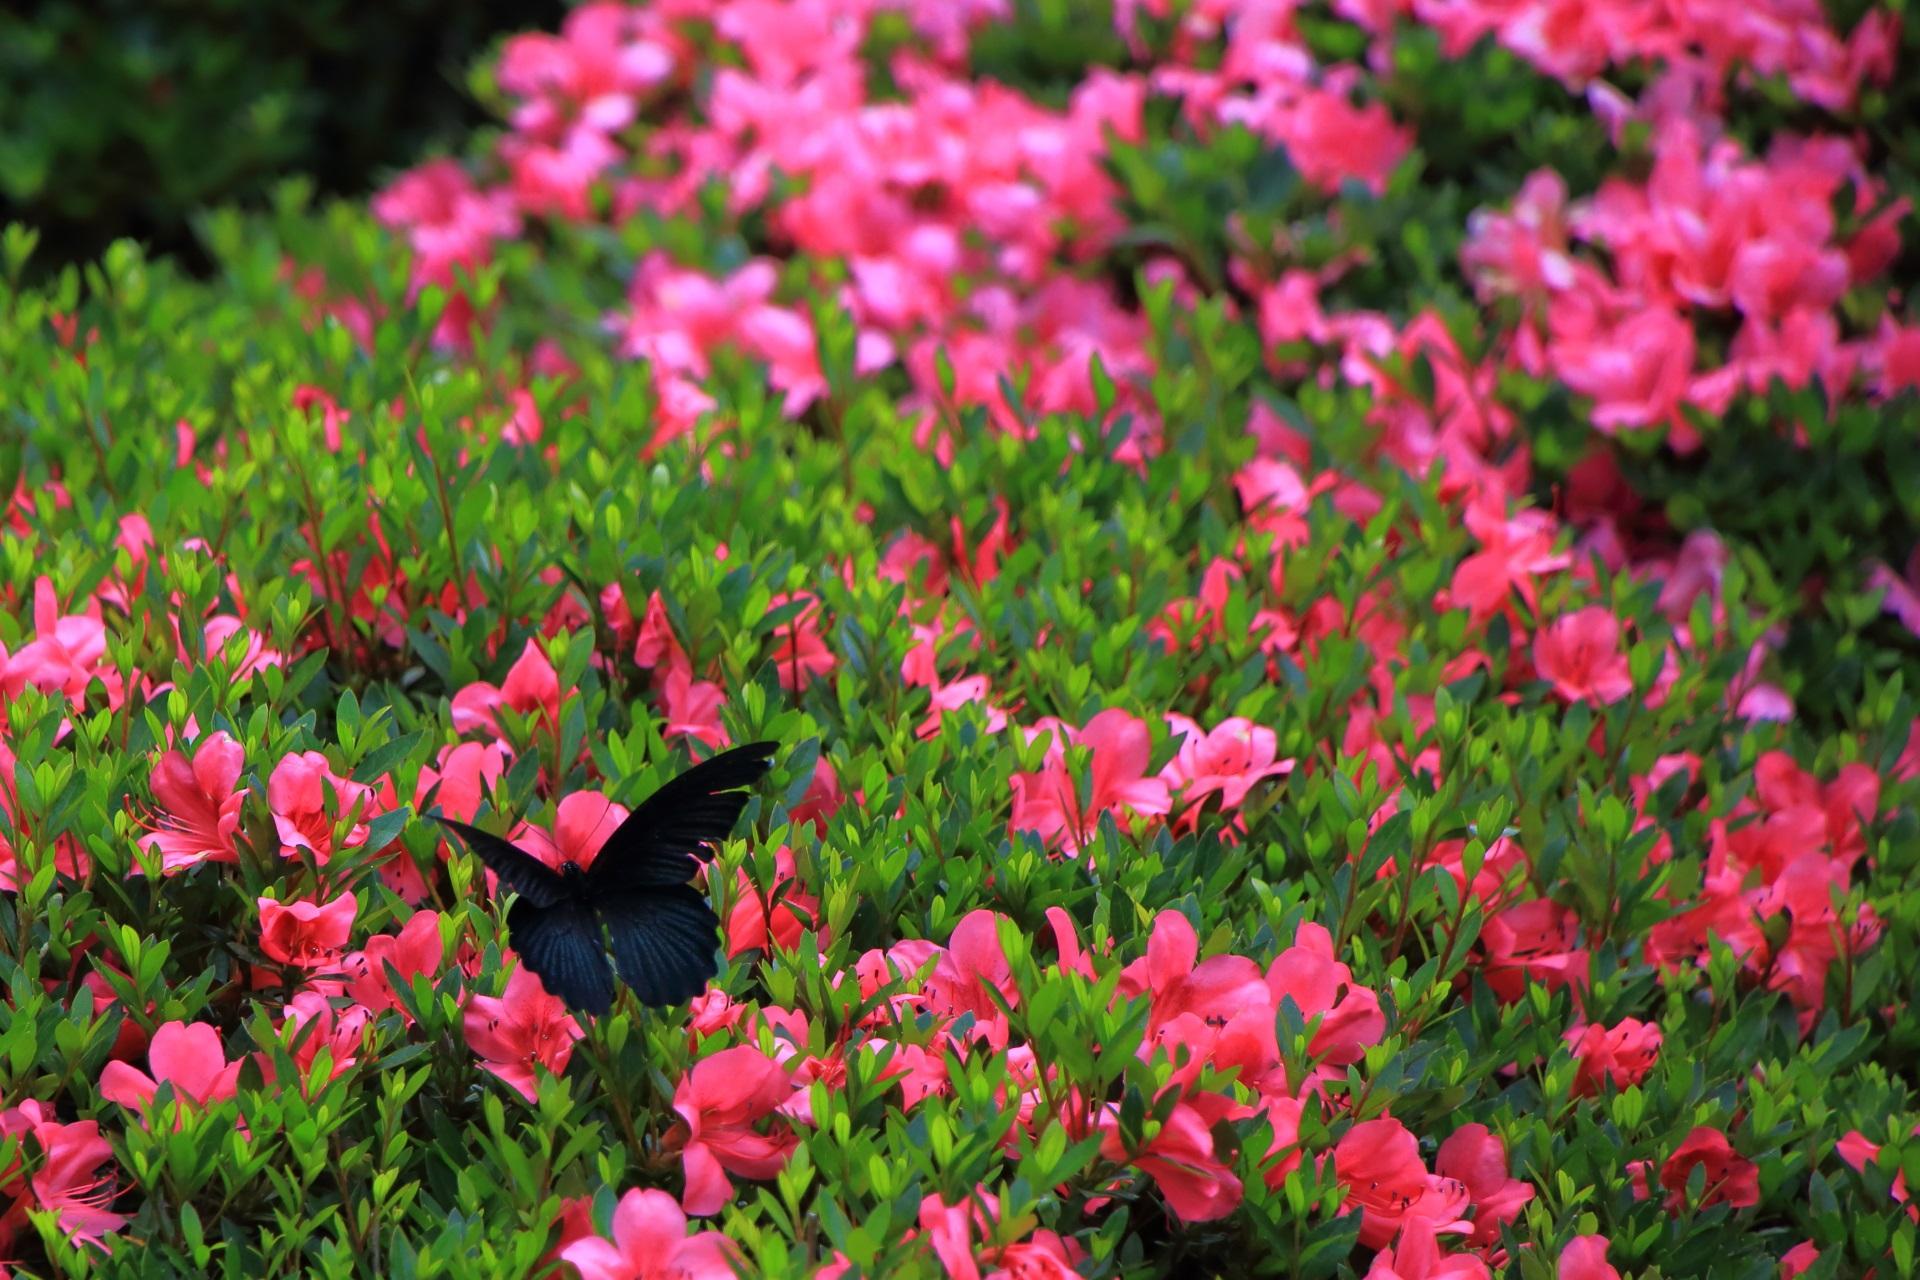 安楽寺のサツキの花で戯れる黒い蝶